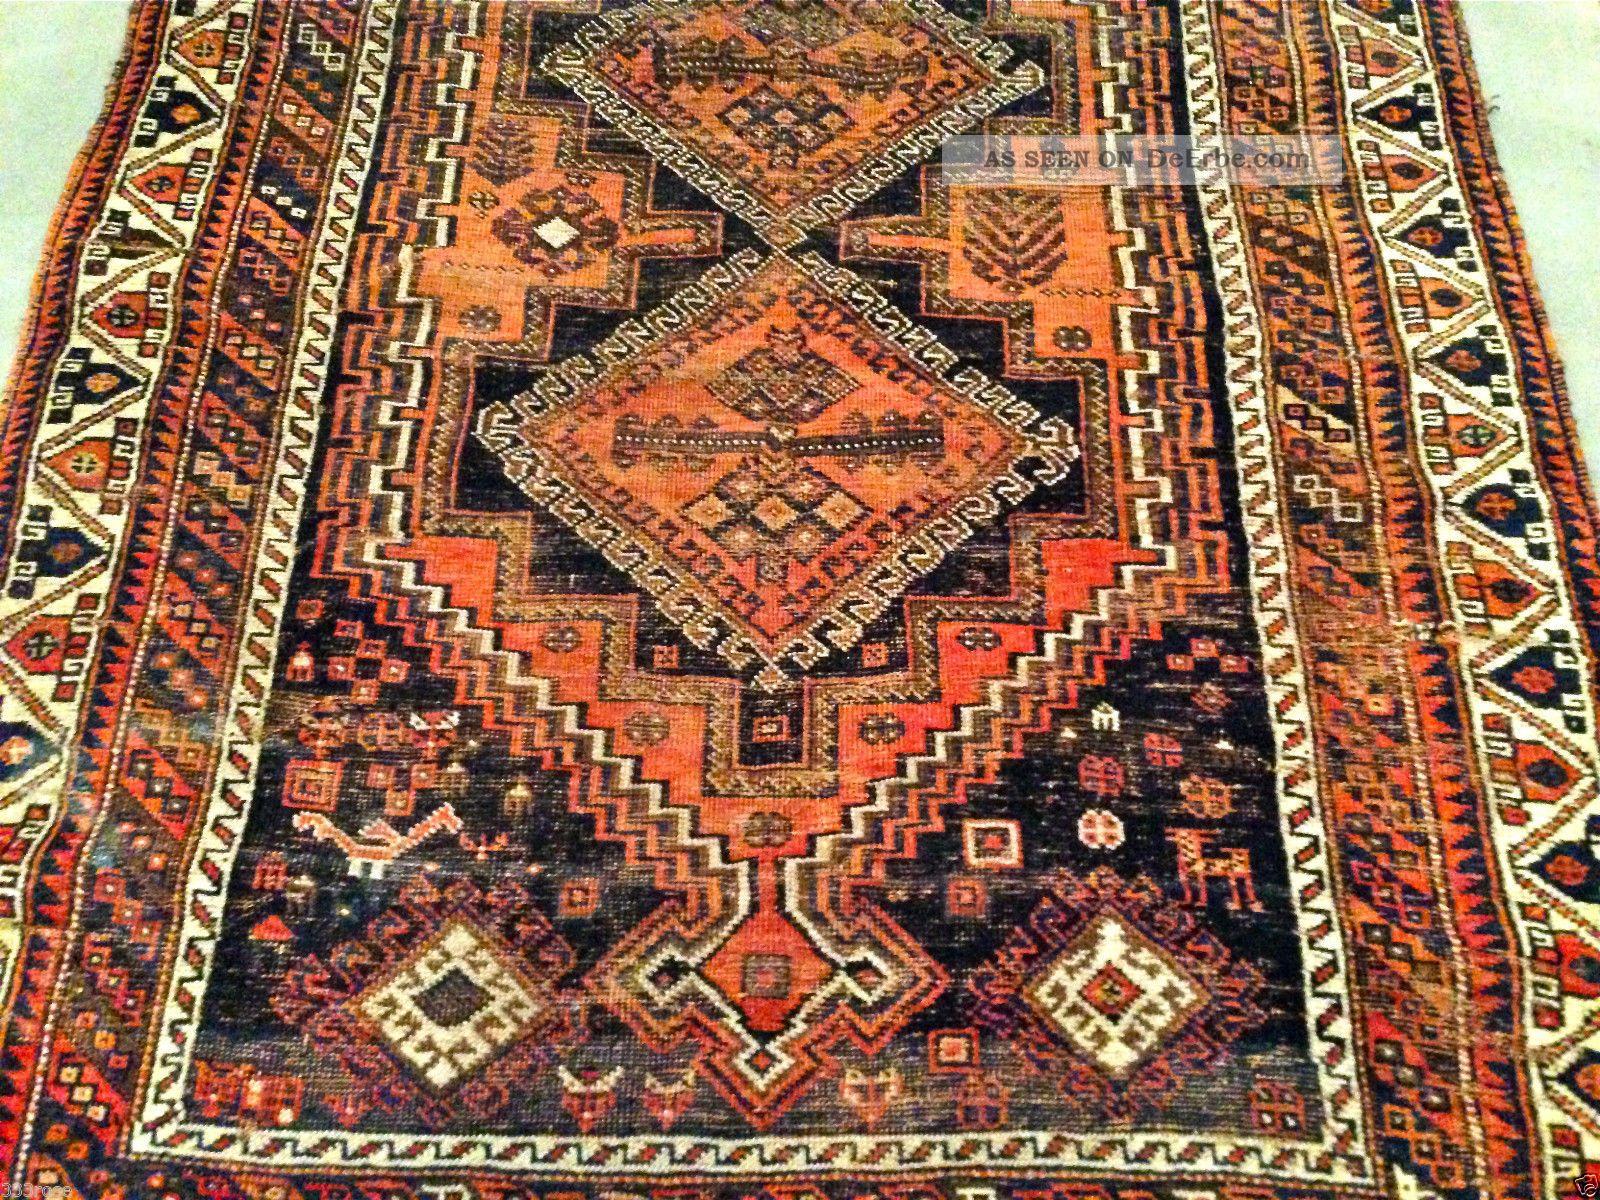 Orientteppich antik  Teppiche & Flachgewebe - Persische Teppiche - Antiquitäten